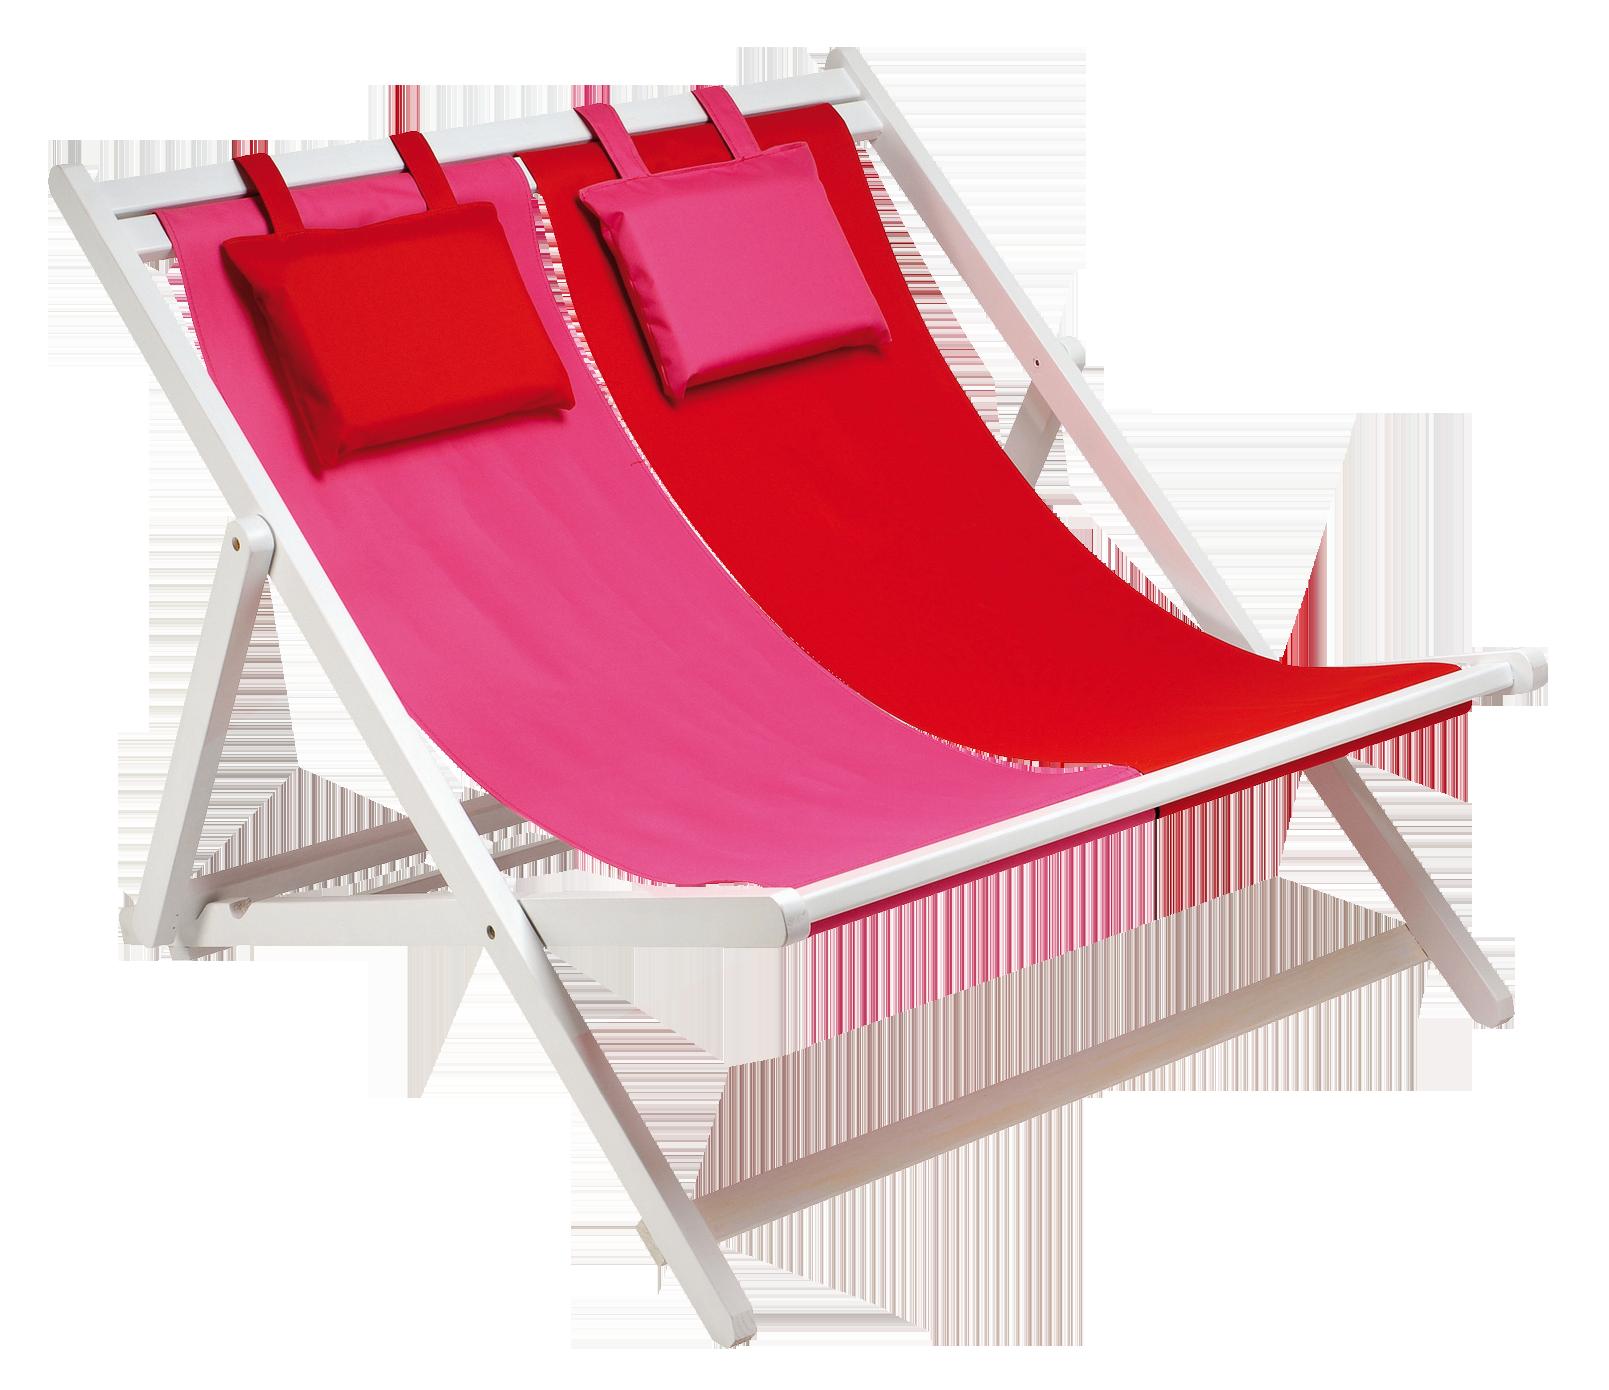 Beach Lounge Chair Clip Art Transparent Double Clipartm1432165518